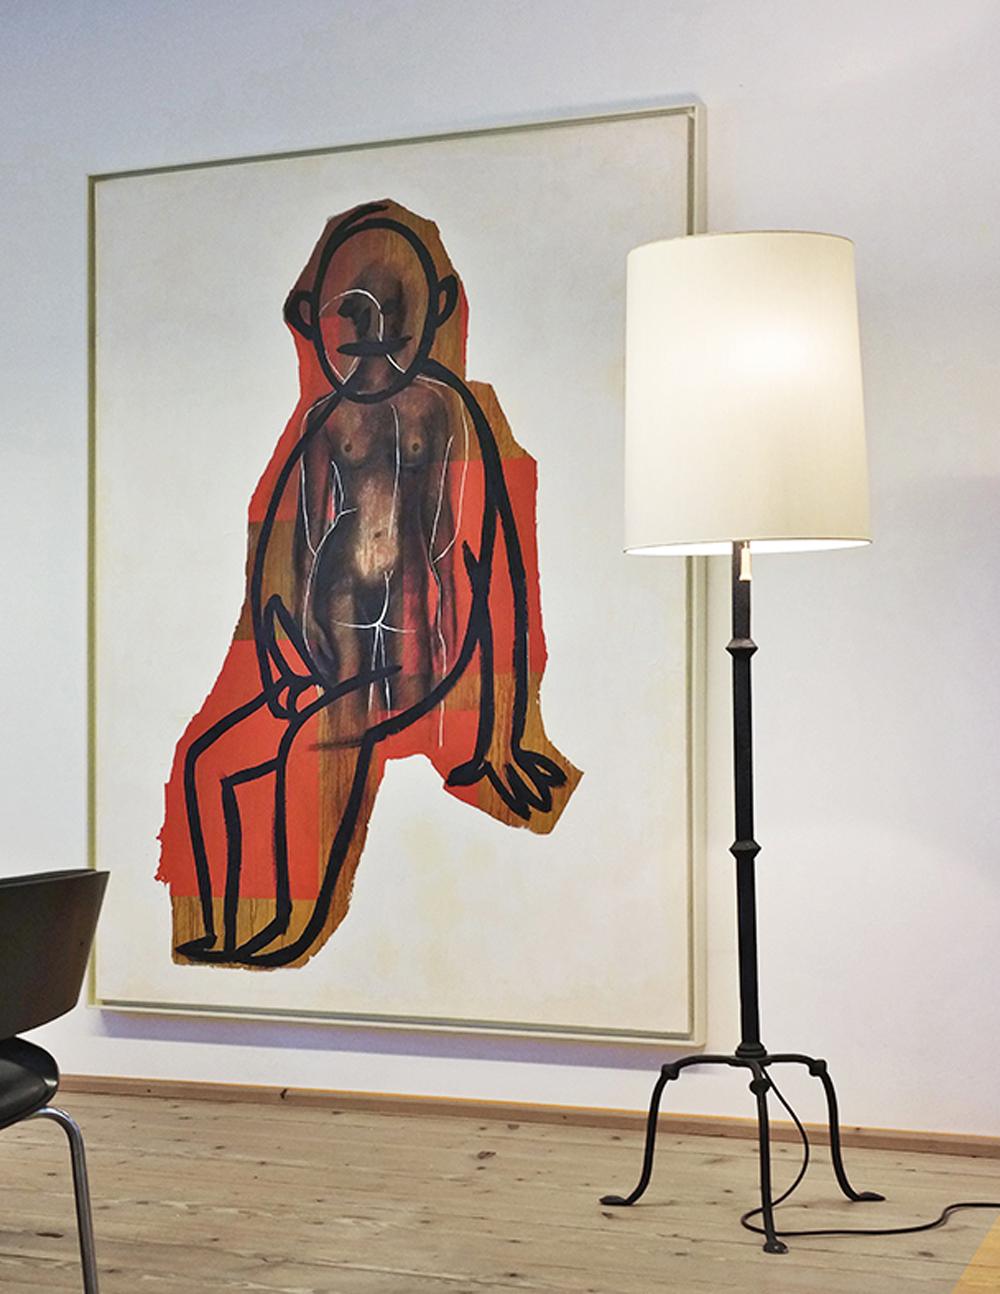 Selbstportrait aus der Serie der grossen Gefühle, 1985, acrilico su tela, cm 200x150